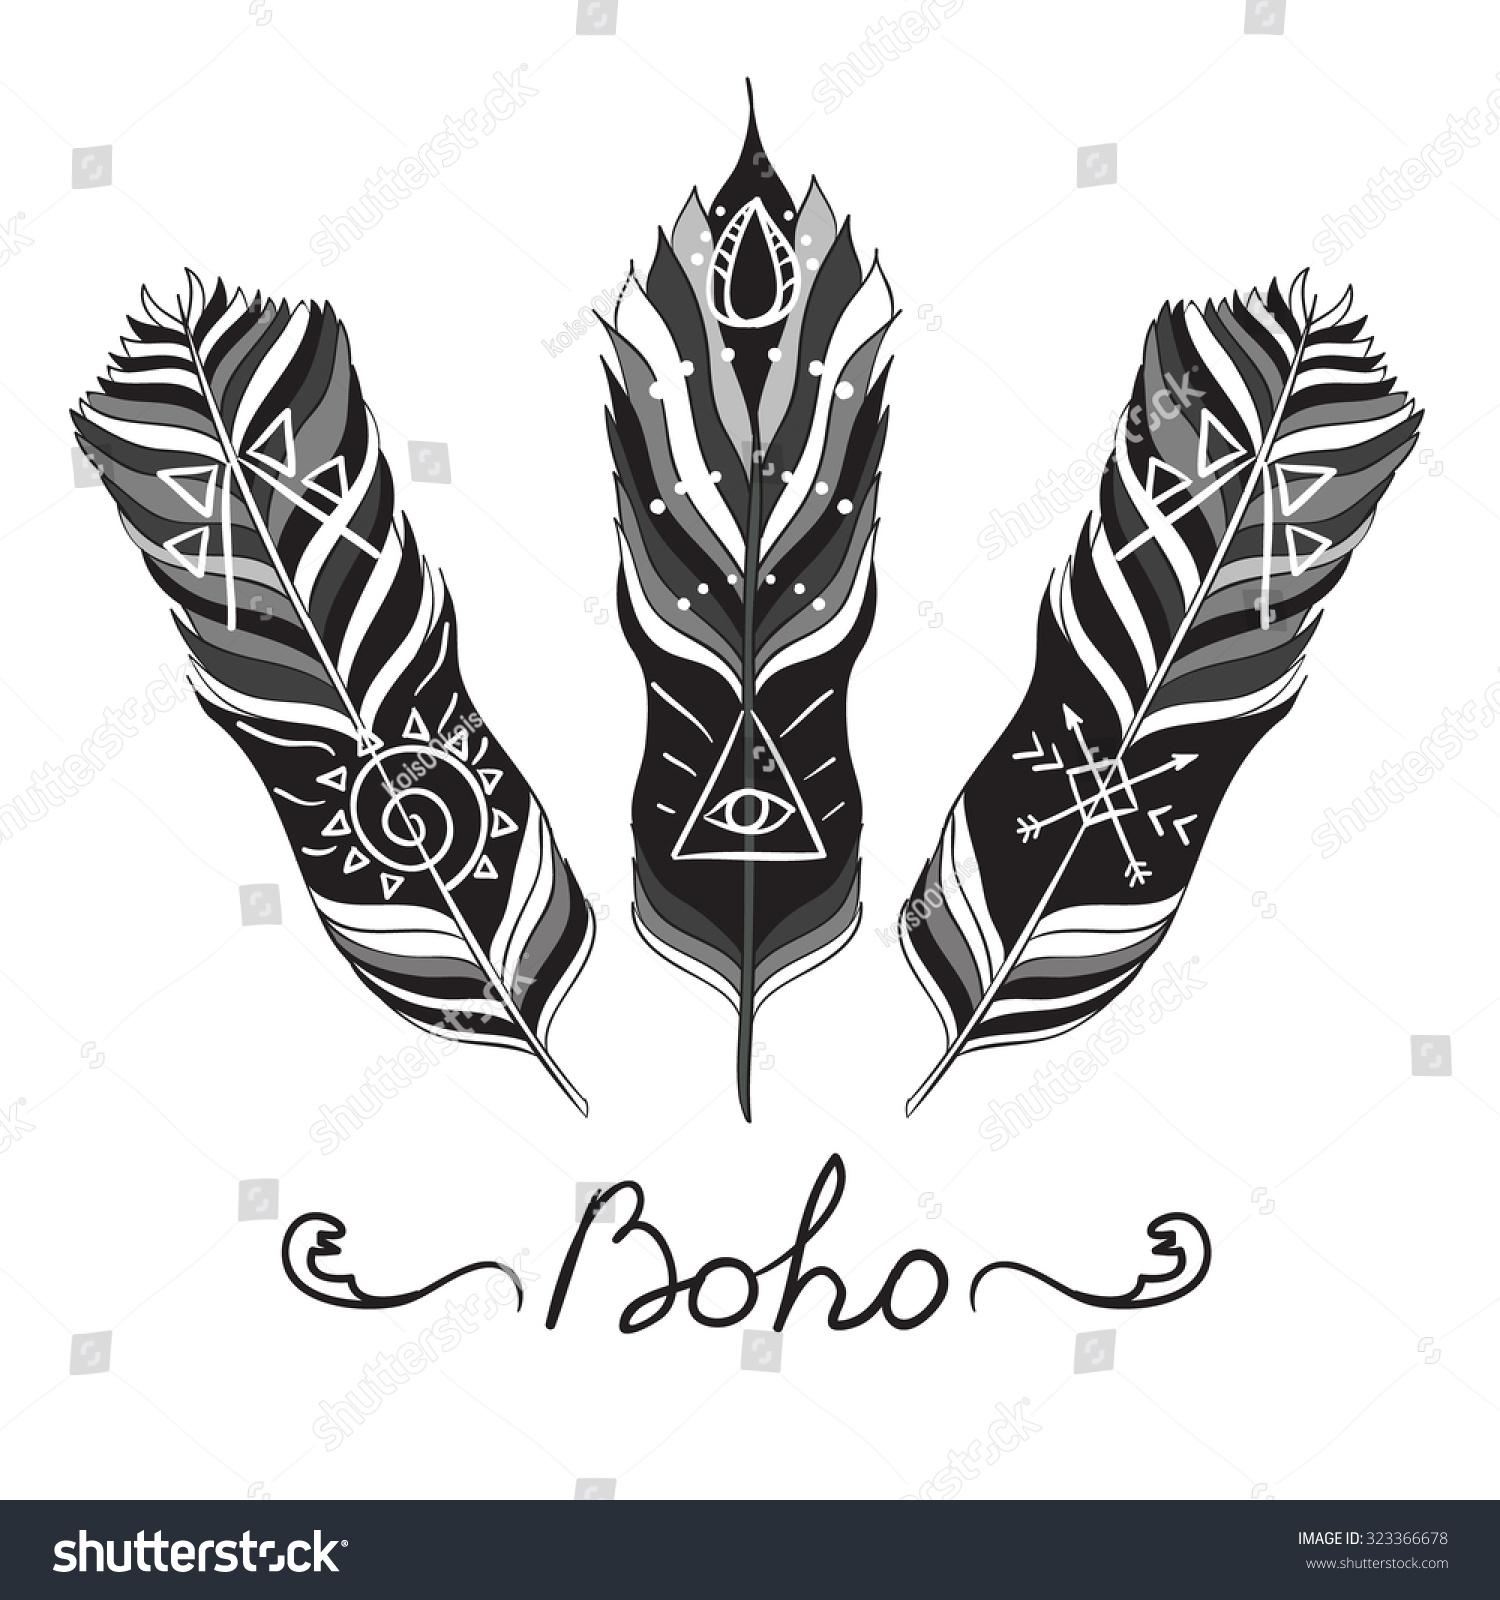 Bohemian Symbols Ethnic feathers with spiritual symbols , isolated on ...